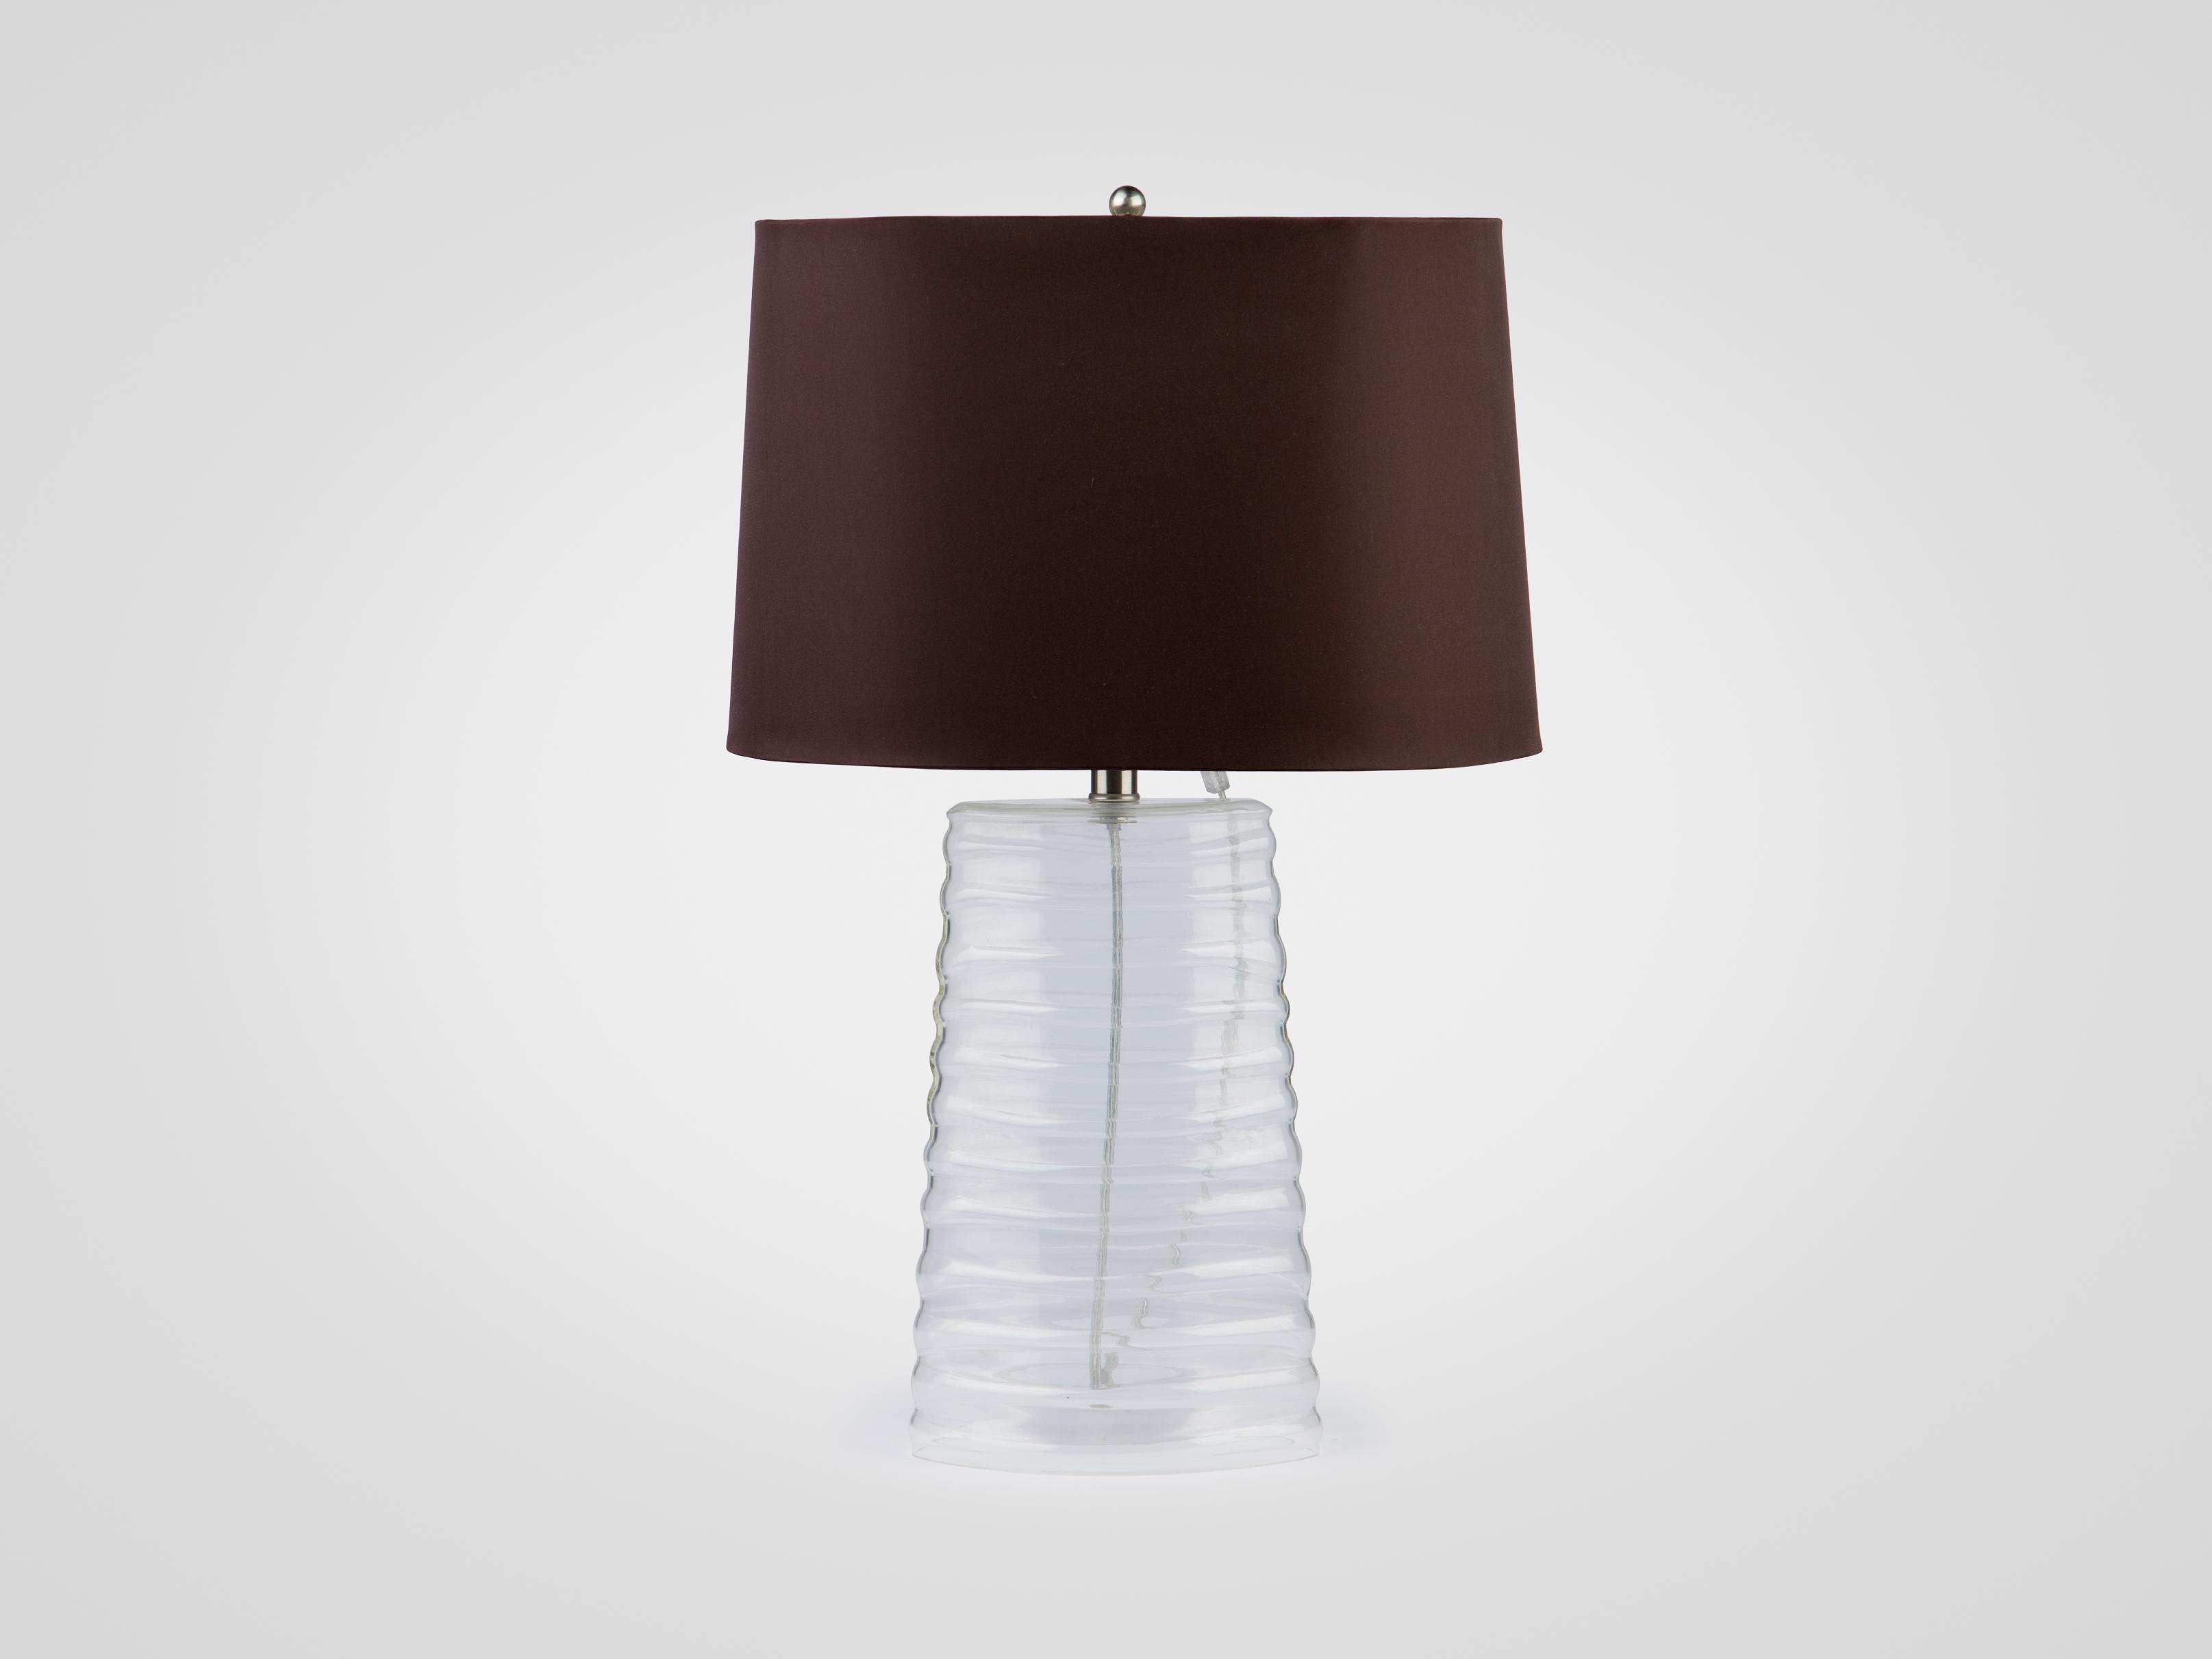 Купить Лампа настольная на ножке из прозрачного стекла с абажуром из сатина, inmyroom, Китай